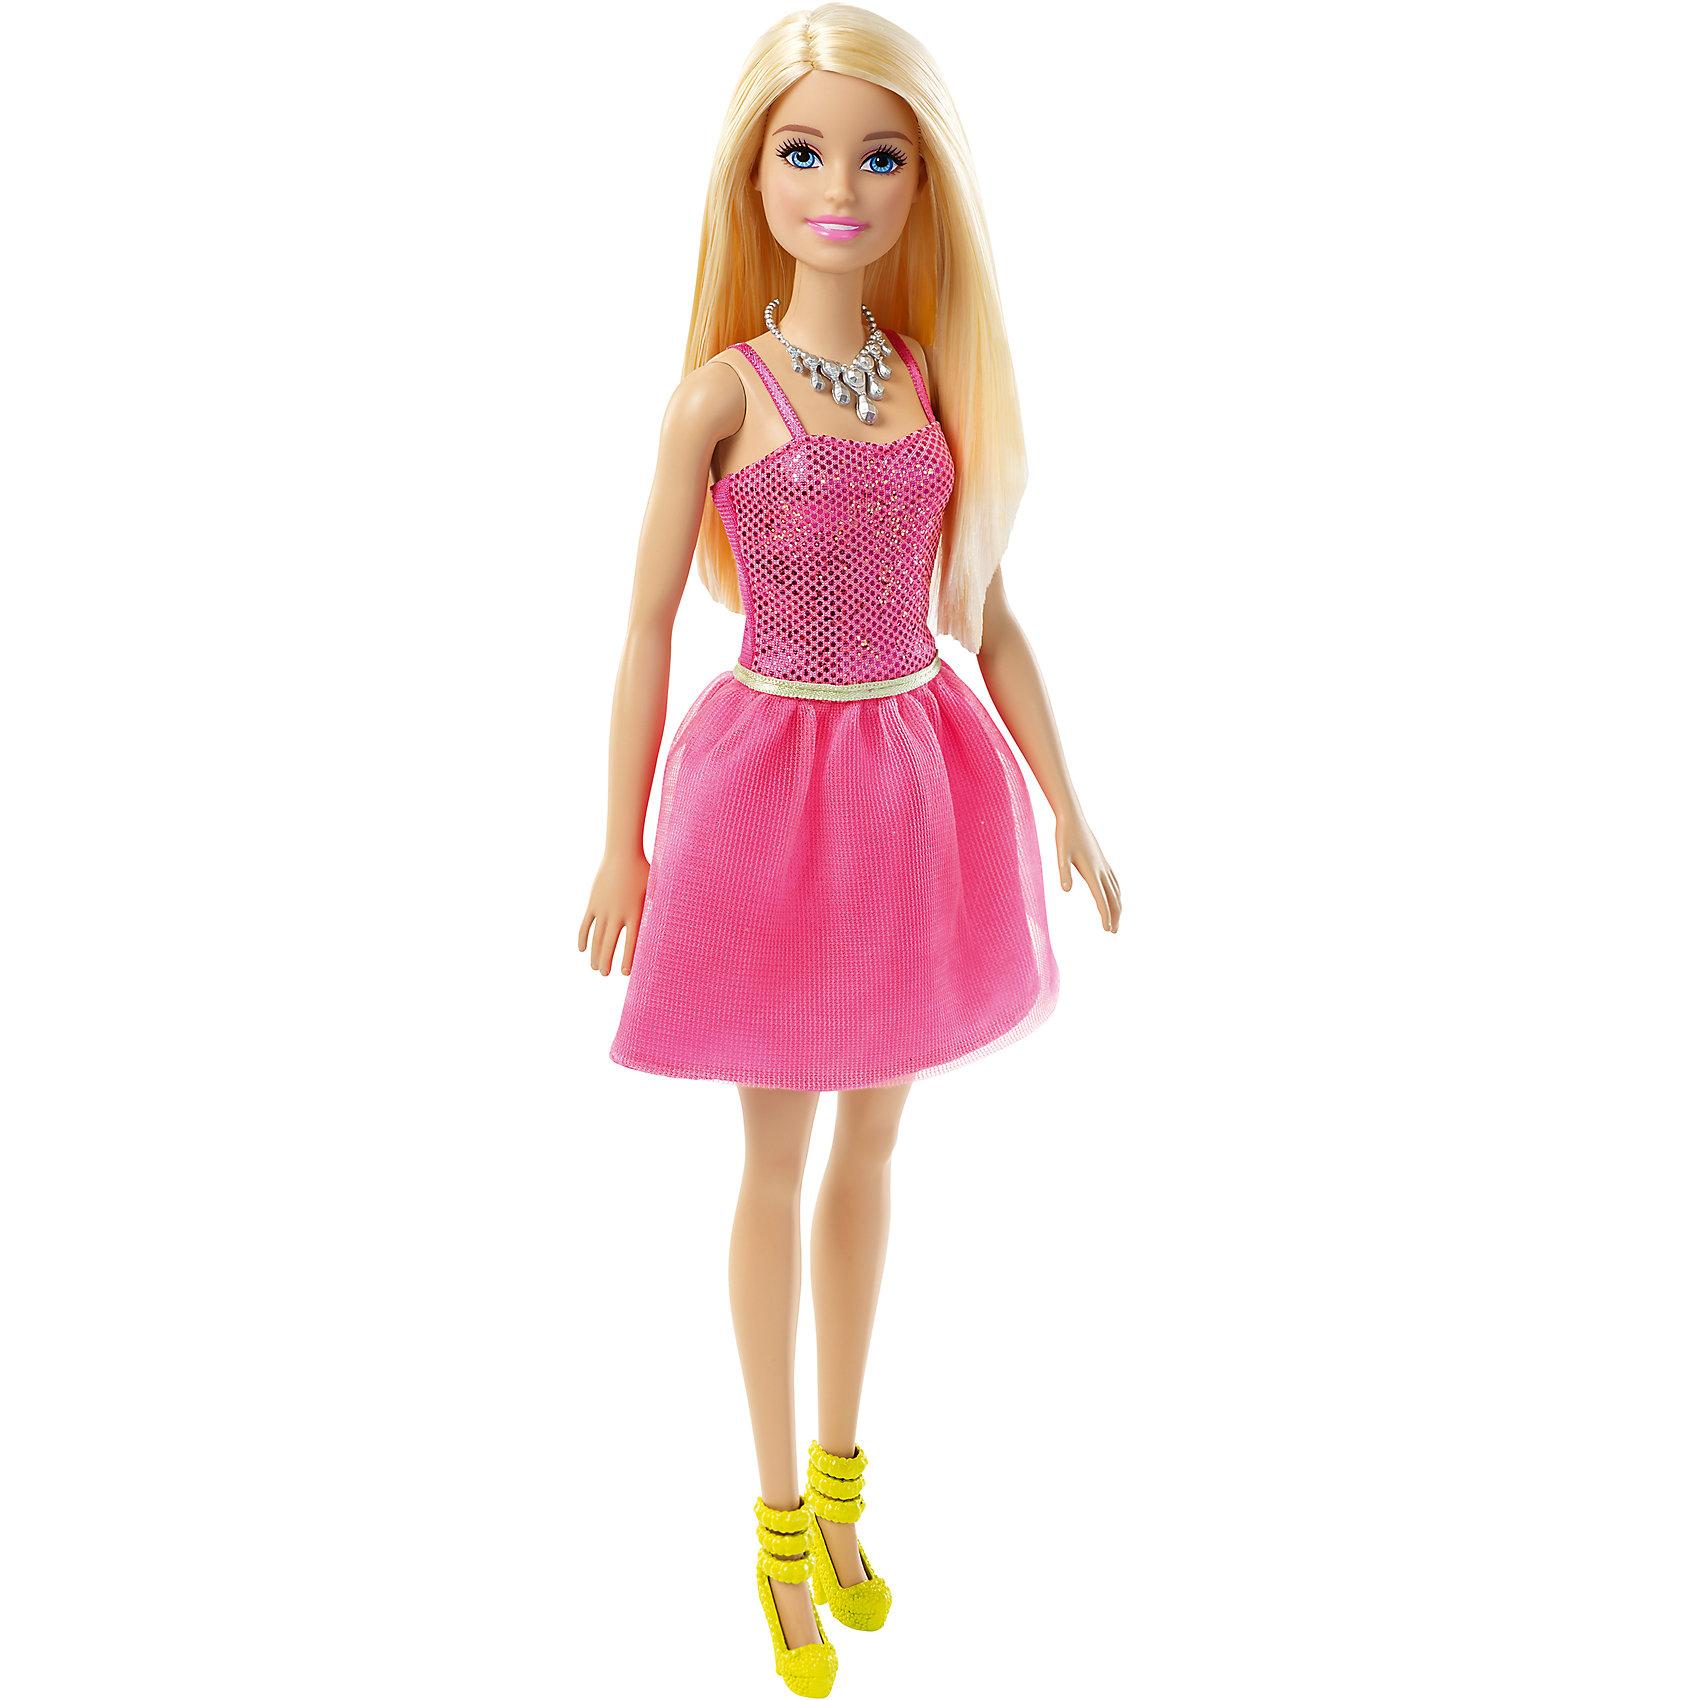 Кукла Сияние моды, BarbieКукла Барби  Сияние моды - отличный вариант подарка для любительницы этих кукол. В набор входят кукла, а также одежда к ней и обувь. Она очень стильно выглядит! Голова, руки, ноги куклы подвижные. Волосы - длинный и блестящие, их можно расчесывать.<br>Такие игрушки помогают развить мелкую моторику, логическое мышление и воображение ребенка. Игры с куклами помогают девочкам проходить социализацию и прививают чувство вкуса. Эта игрушка выполнена из текстиля и высококачественного прочного пластика, безопасного для детей, отлично детализирована.<br><br>Дополнительная информация:<br><br>комплектация: кукла, обувь, одежда; <br>цвет: разноцветный;<br>материал: пластик, текстиль;<br>высота: 29 см.<br><br>Куклу Сияние моды, Barbie от компании Mattel можно купить в нашем магазине.<br><br>Ширина мм: 105<br>Глубина мм: 50<br>Высота мм: 330<br>Вес г: 185<br>Возраст от месяцев: 36<br>Возраст до месяцев: 108<br>Пол: Женский<br>Возраст: Детский<br>SKU: 4791128